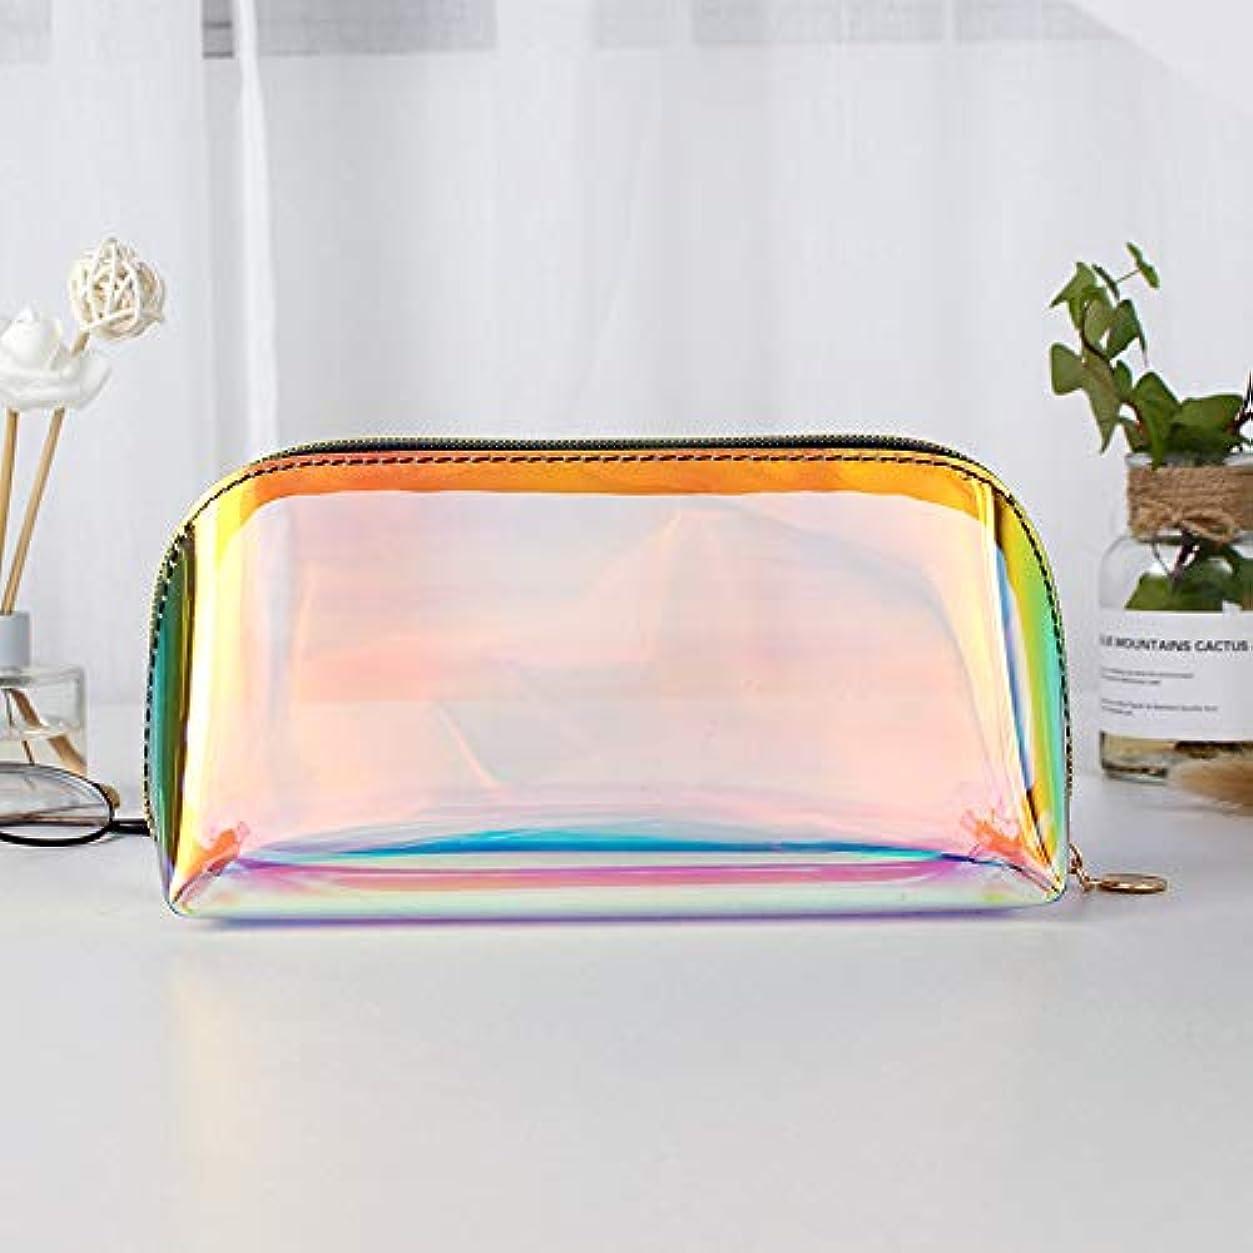 迫害者ボイコット透明な虹レーザーホログラムコスメティックバッグオーガナイザー大F-色のファッション化粧品トラベルバッグホログラフィックメイクアップバッグYY,L